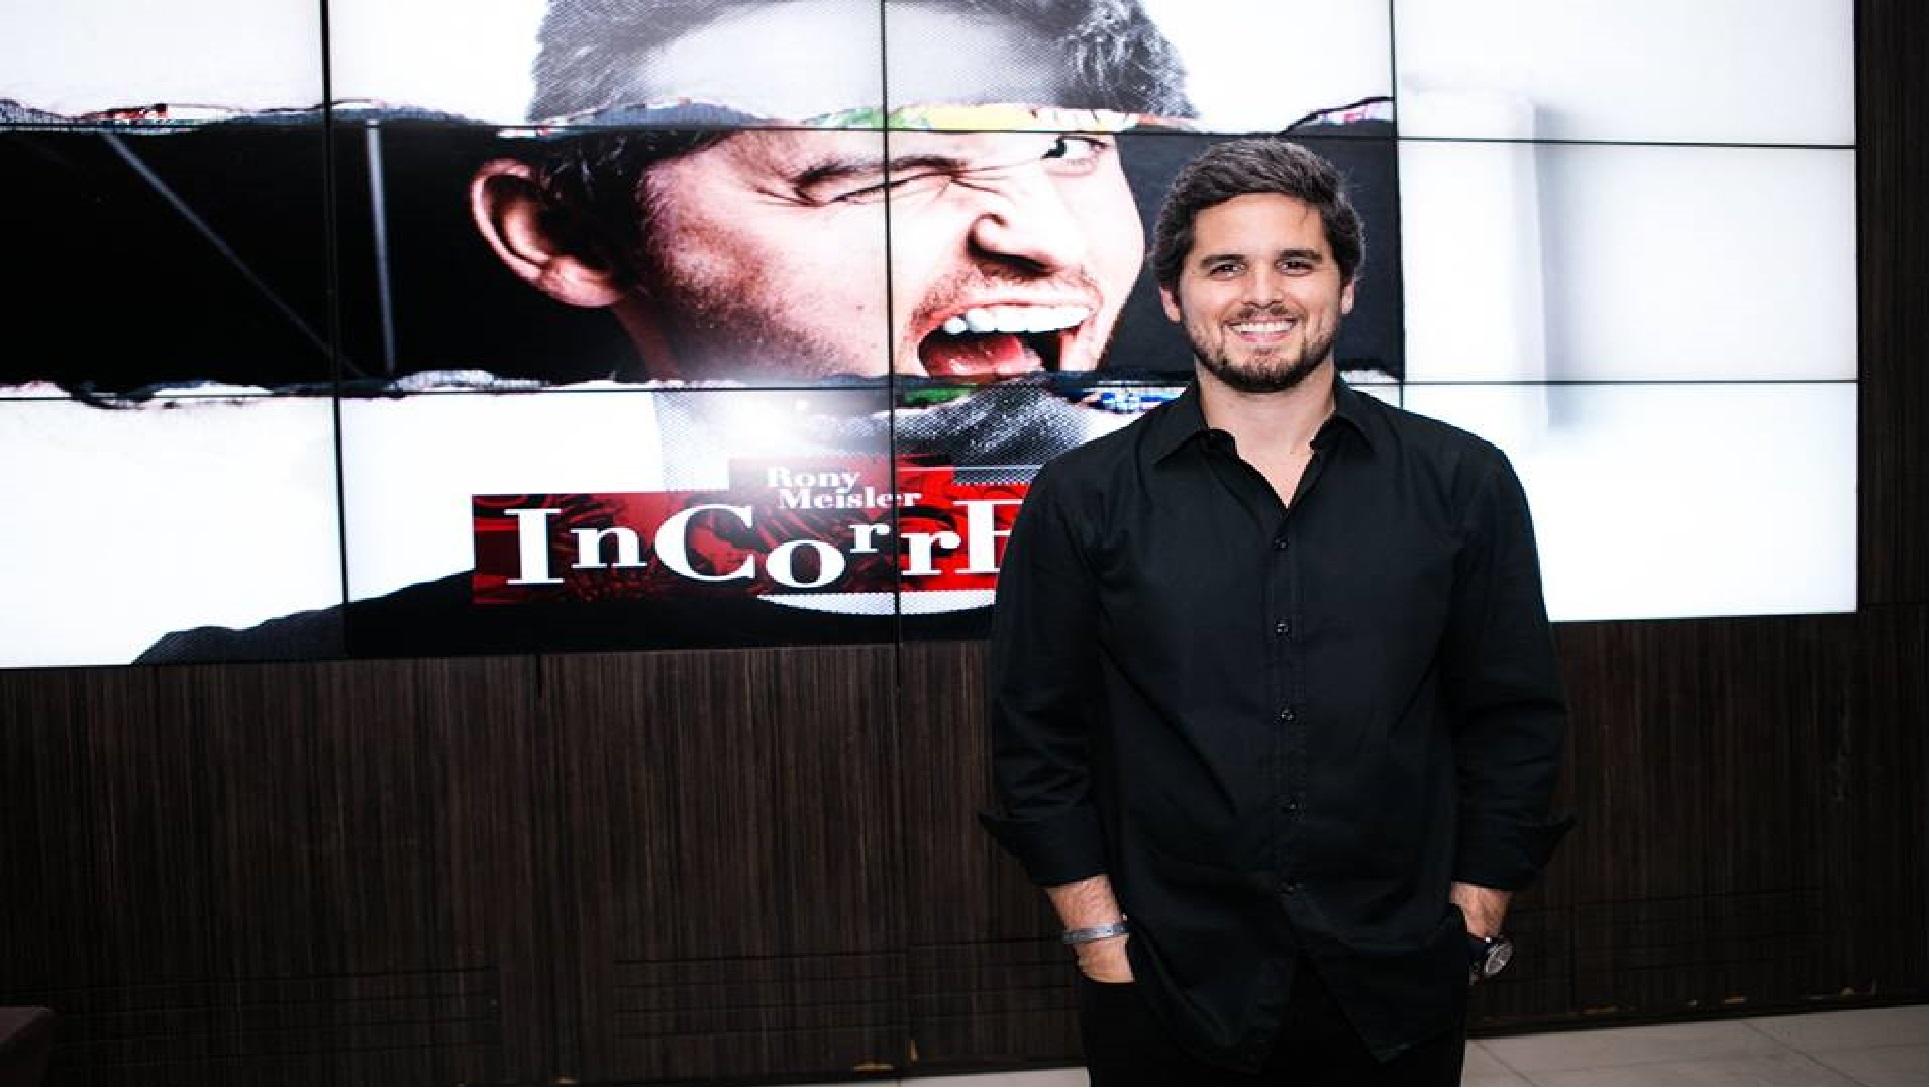 Estudo de Caso de Rony Meisler teve pré-estreia no Rio de Janeiro